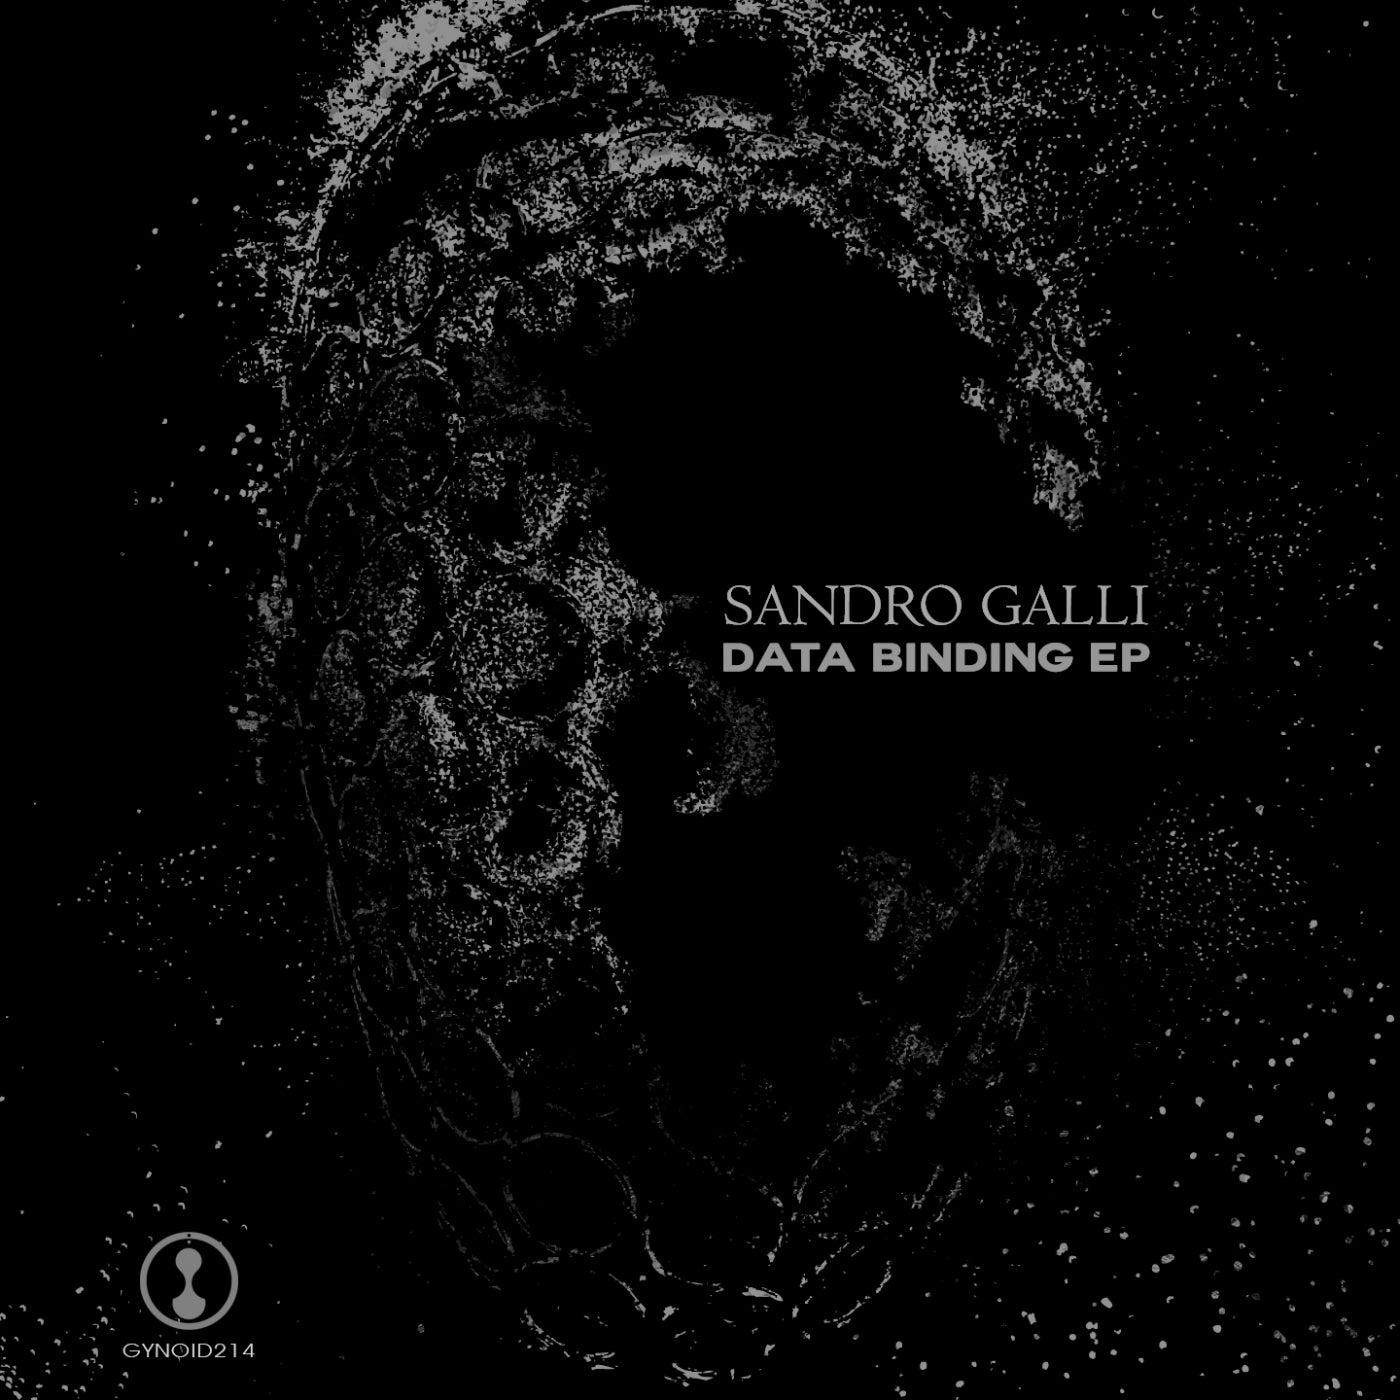 Data Binding (Original Mix)